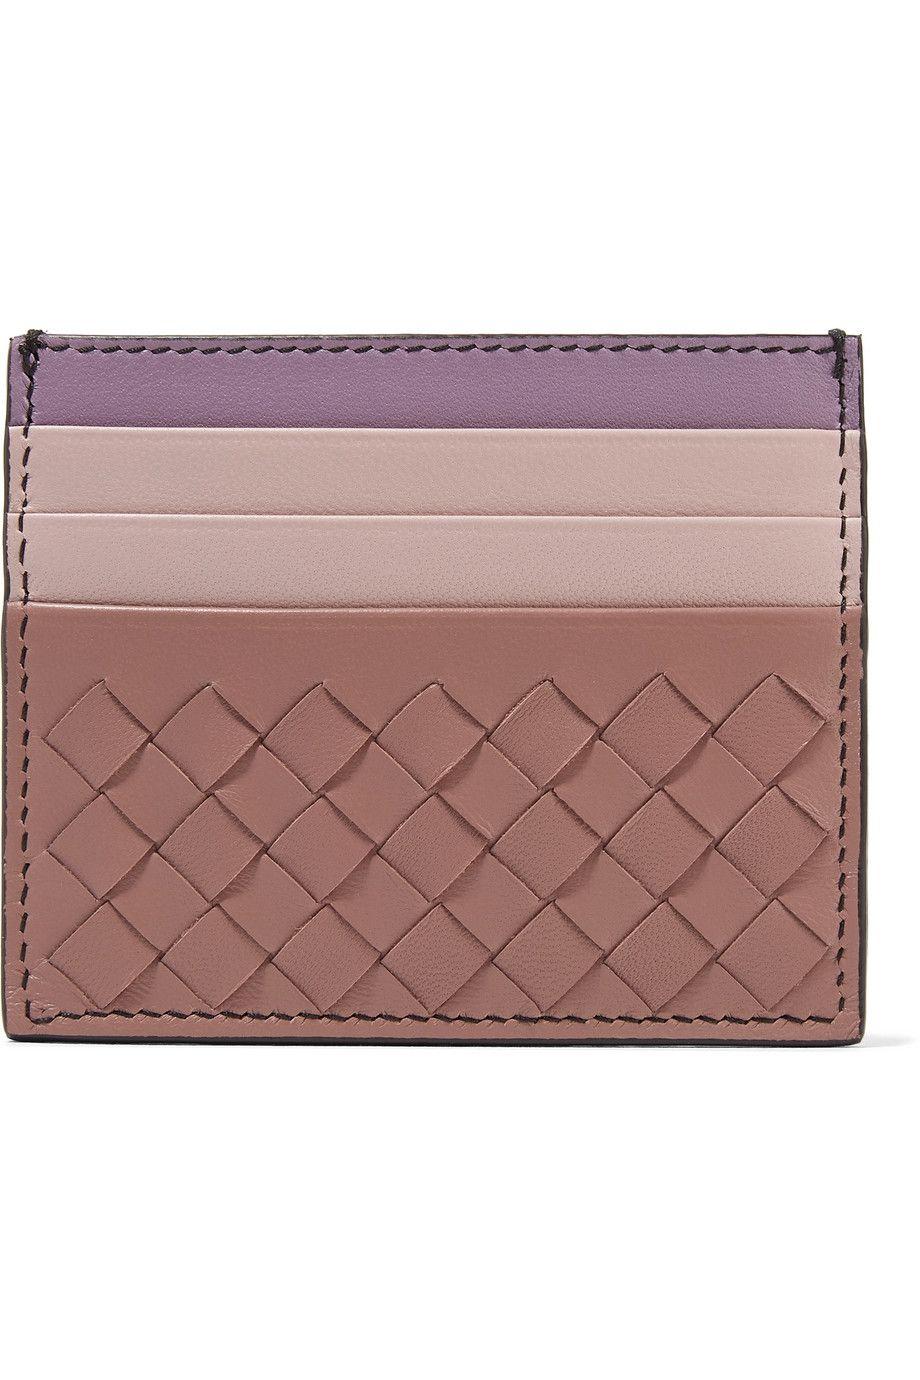 Color-block intrecciato leather cardholder